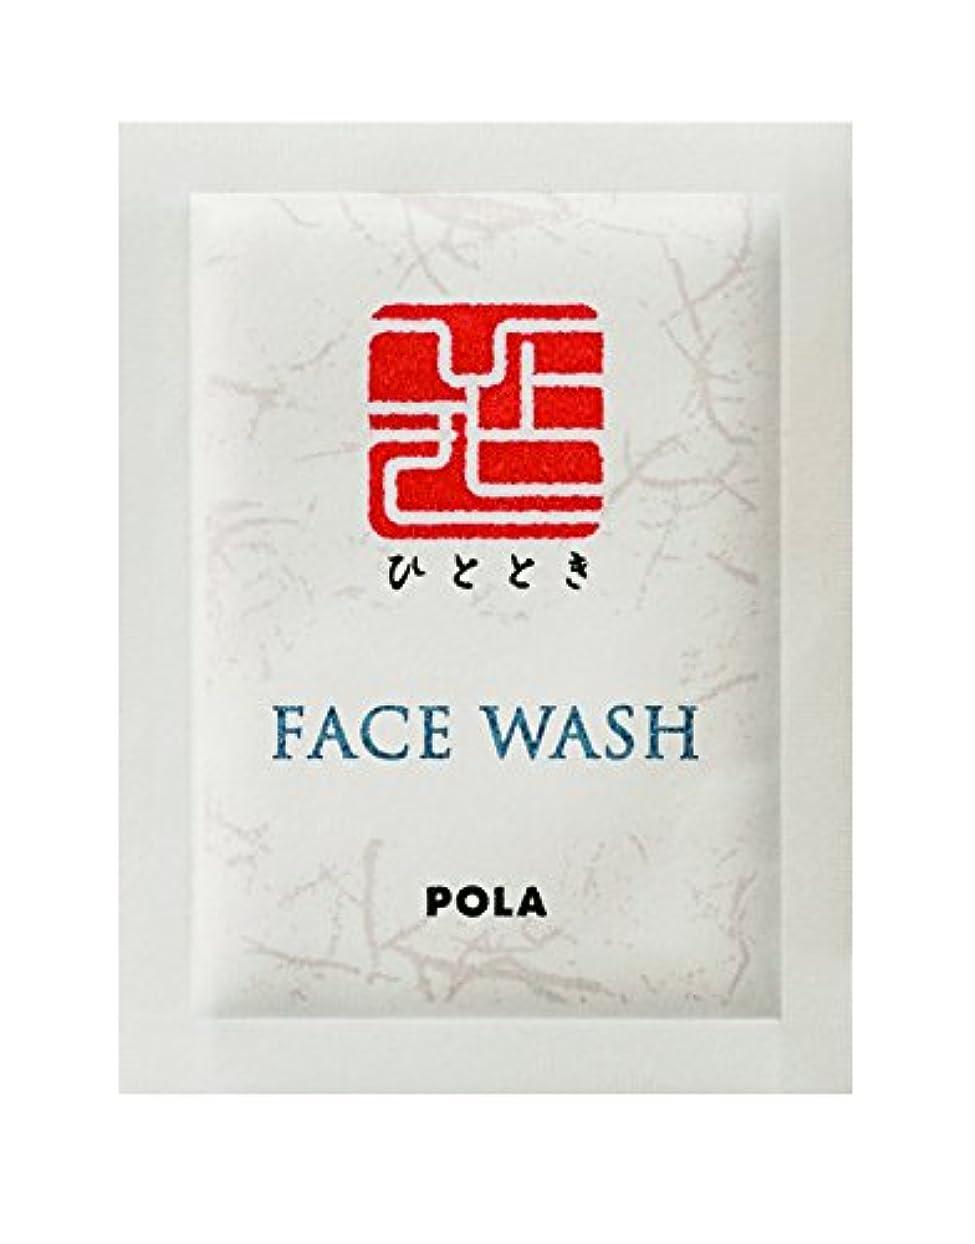 旅行悪用踏み台POLA ひととき フェイスウォッシュ 洗顔料 個包装タイプ 2g×100包